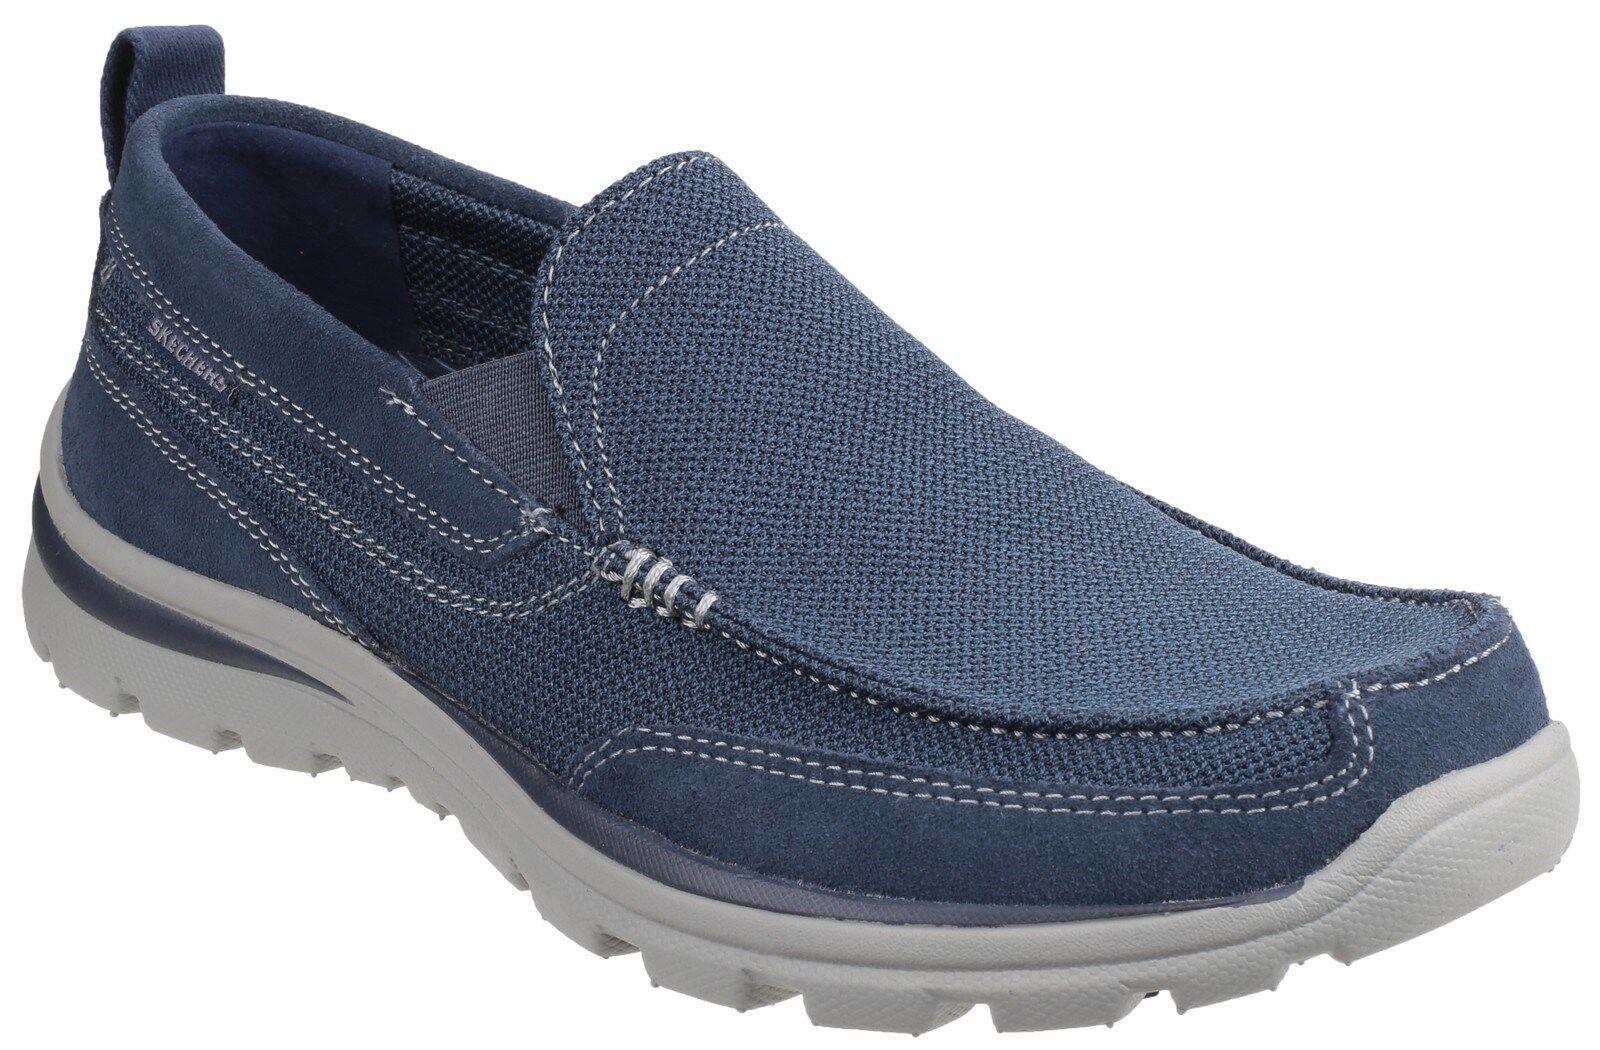 Artículos de primera necesidad Oponerse a lana  Skechers Relaxed Fit: Superior - Milford Shoes Mens Memory Foam Trainers  64365 | eBay